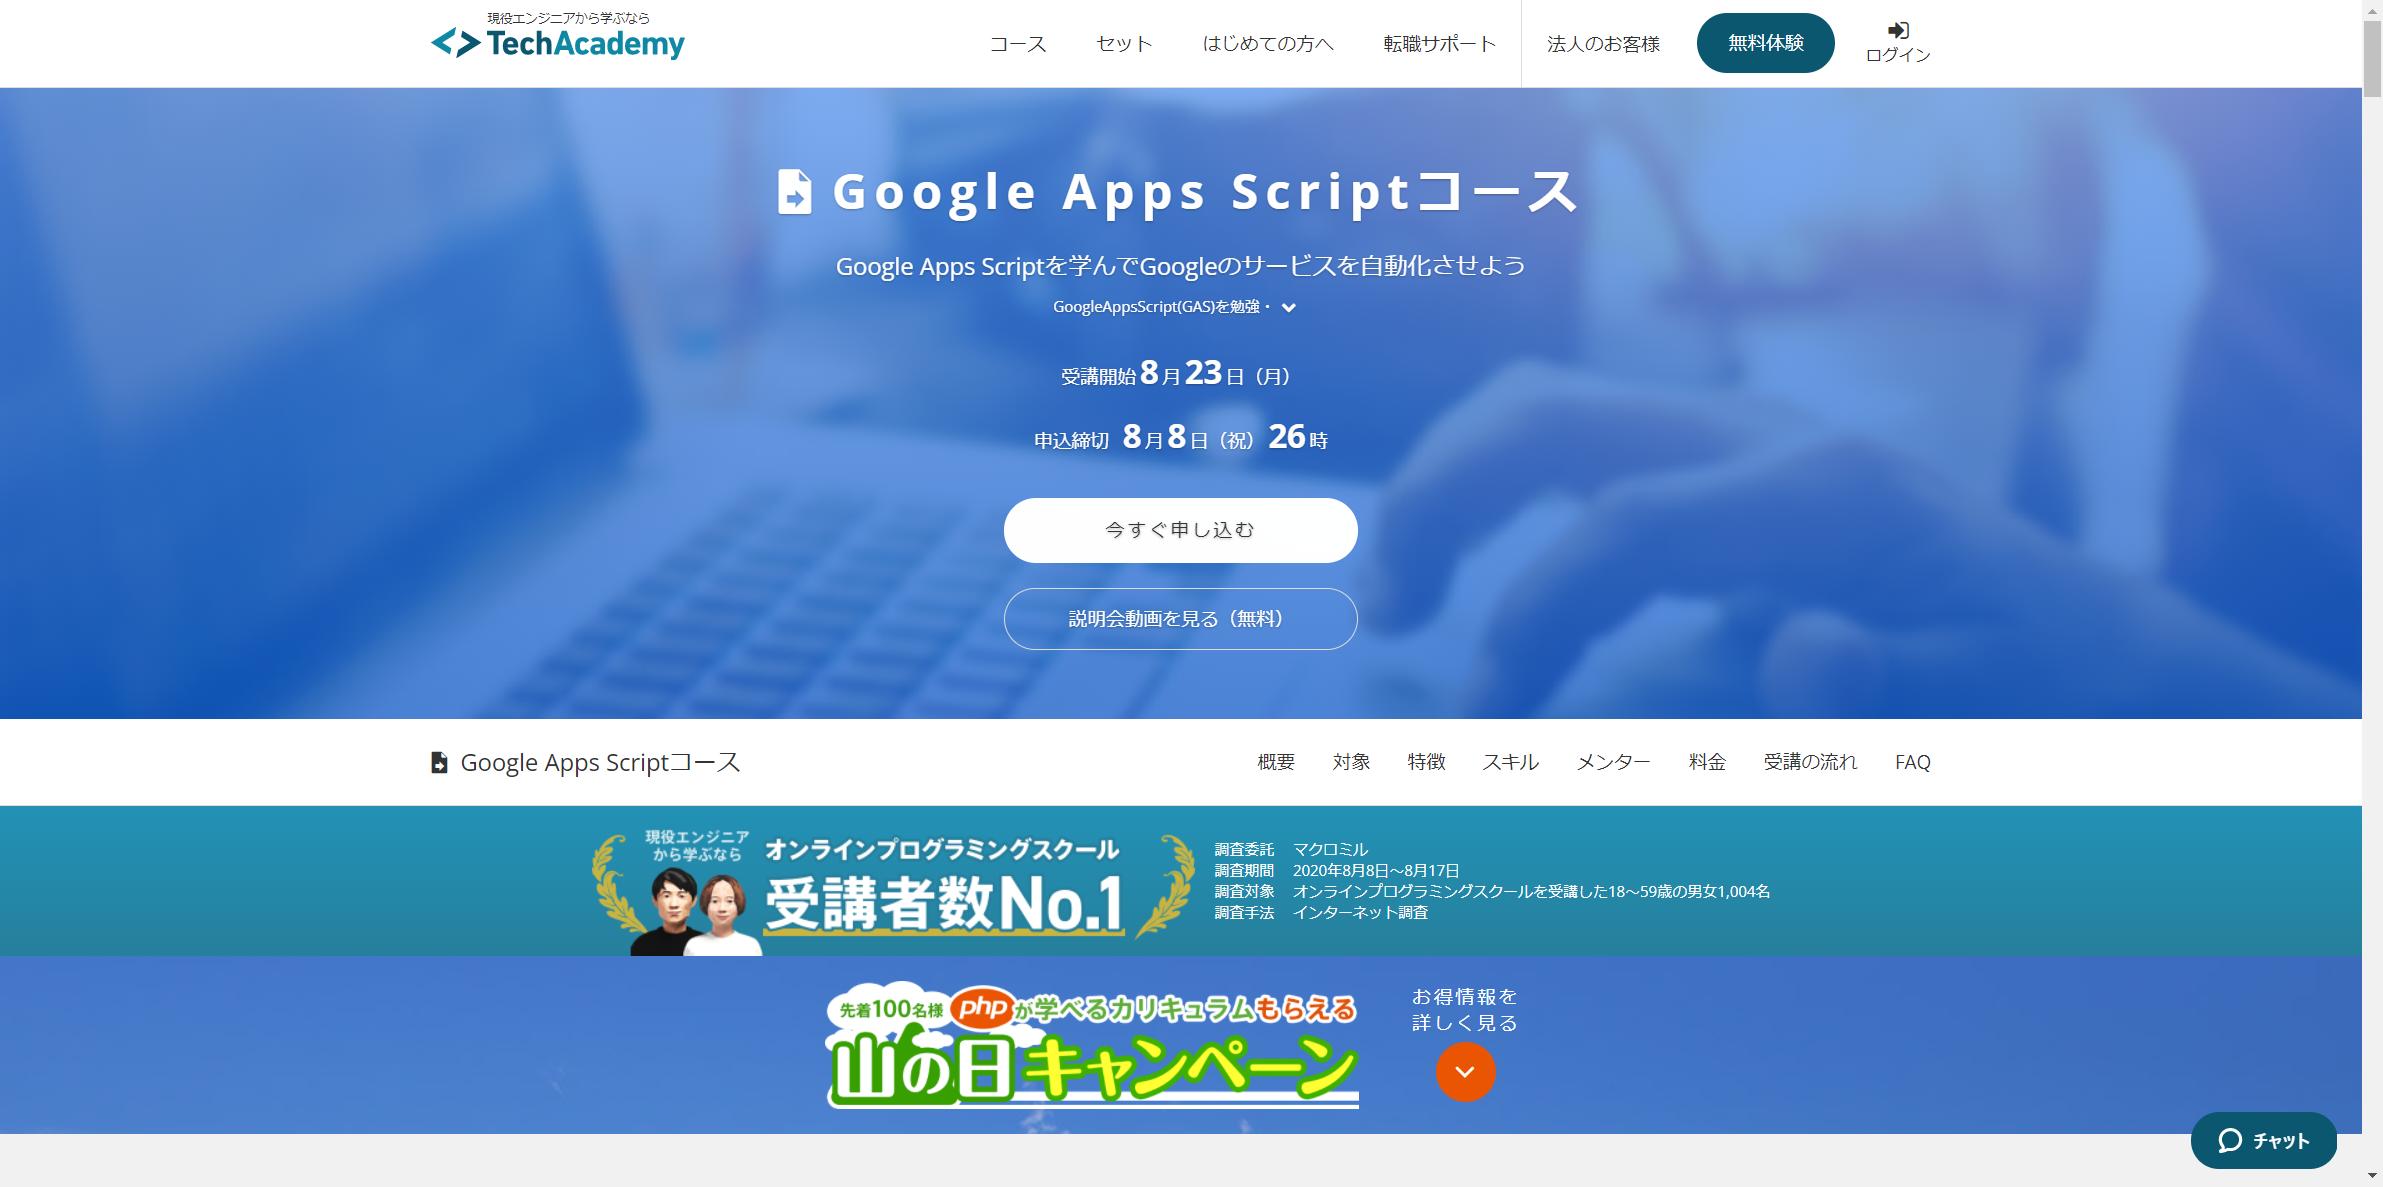 TechAcademy Google Apps Scriptコース